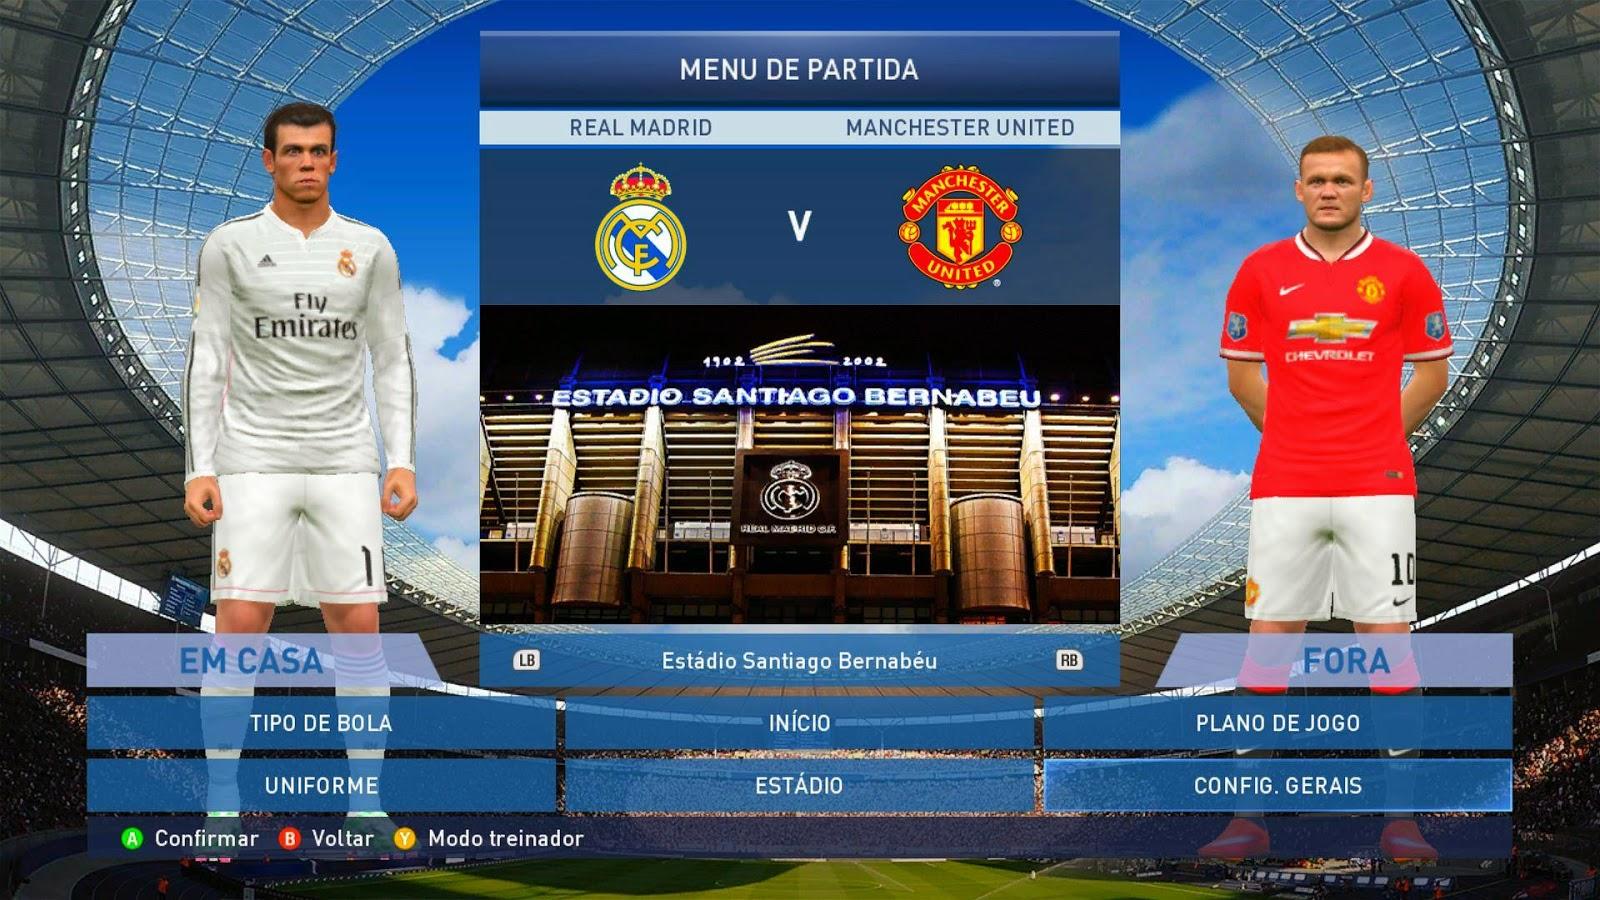 PES 2015: Estádio Santiago Bernabéu - Real Madrid HD 1980156_721144531303889_2775950516572636920_o